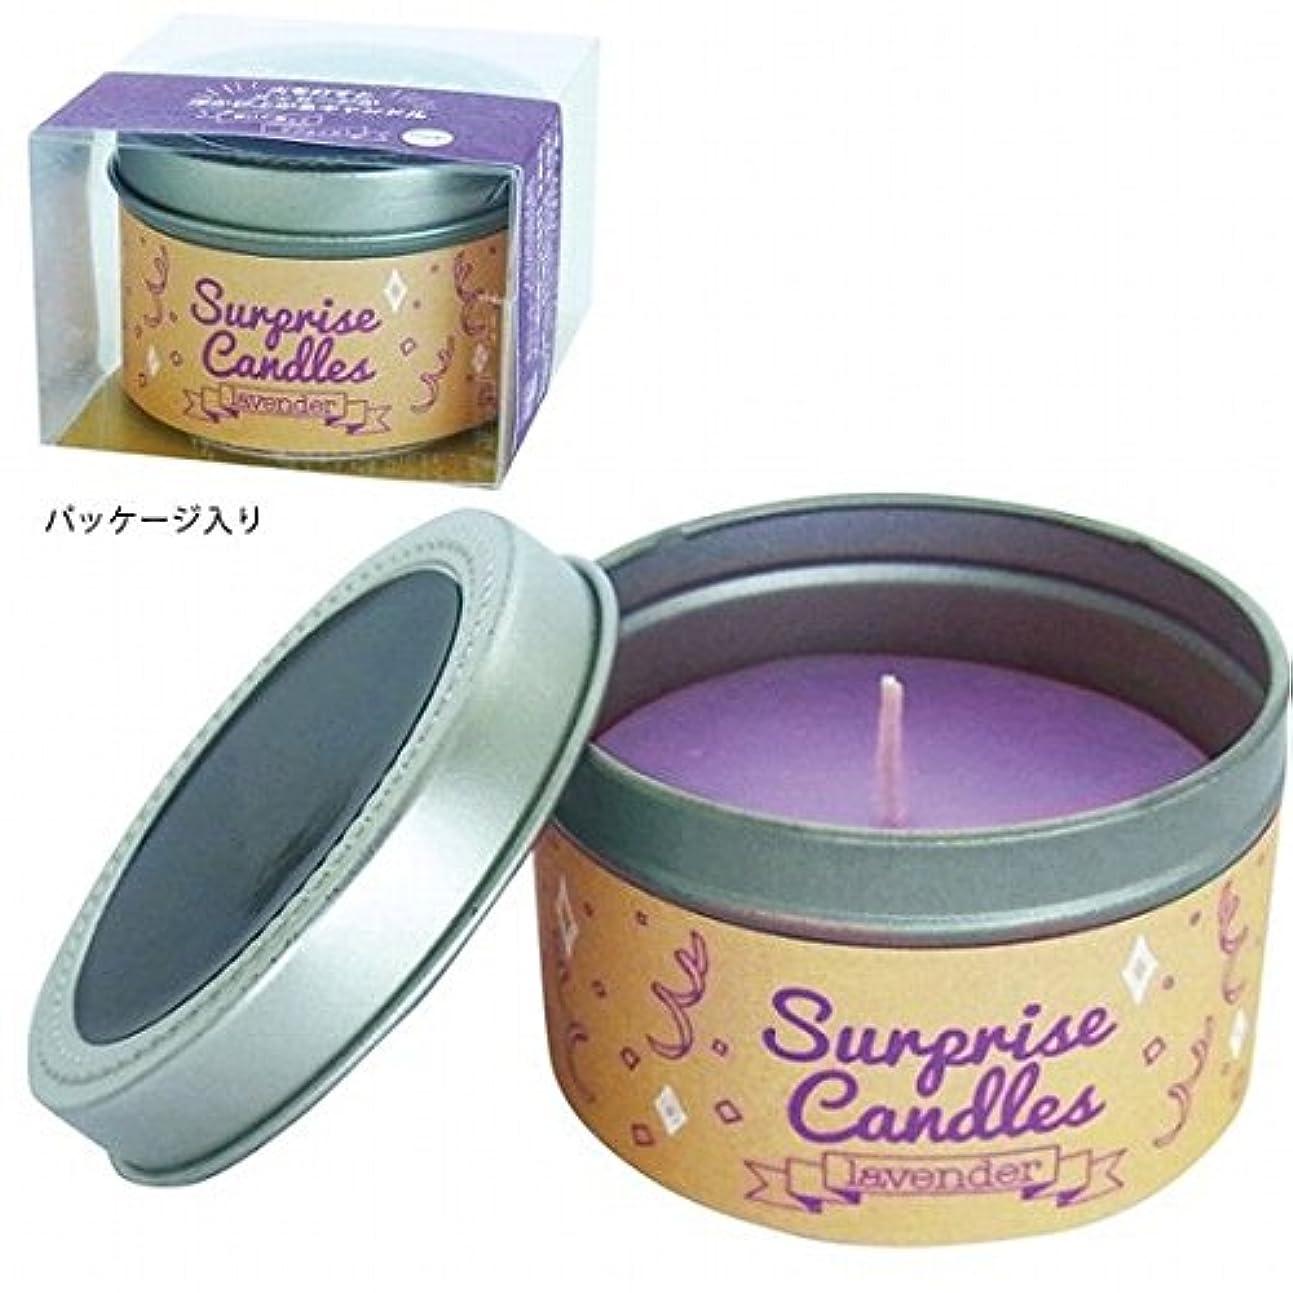 大きなスケールで見ると思春期匿名kameyama candle(カメヤマキャンドル) サプライズキャンドル 「ラベンダー」(A207005020)